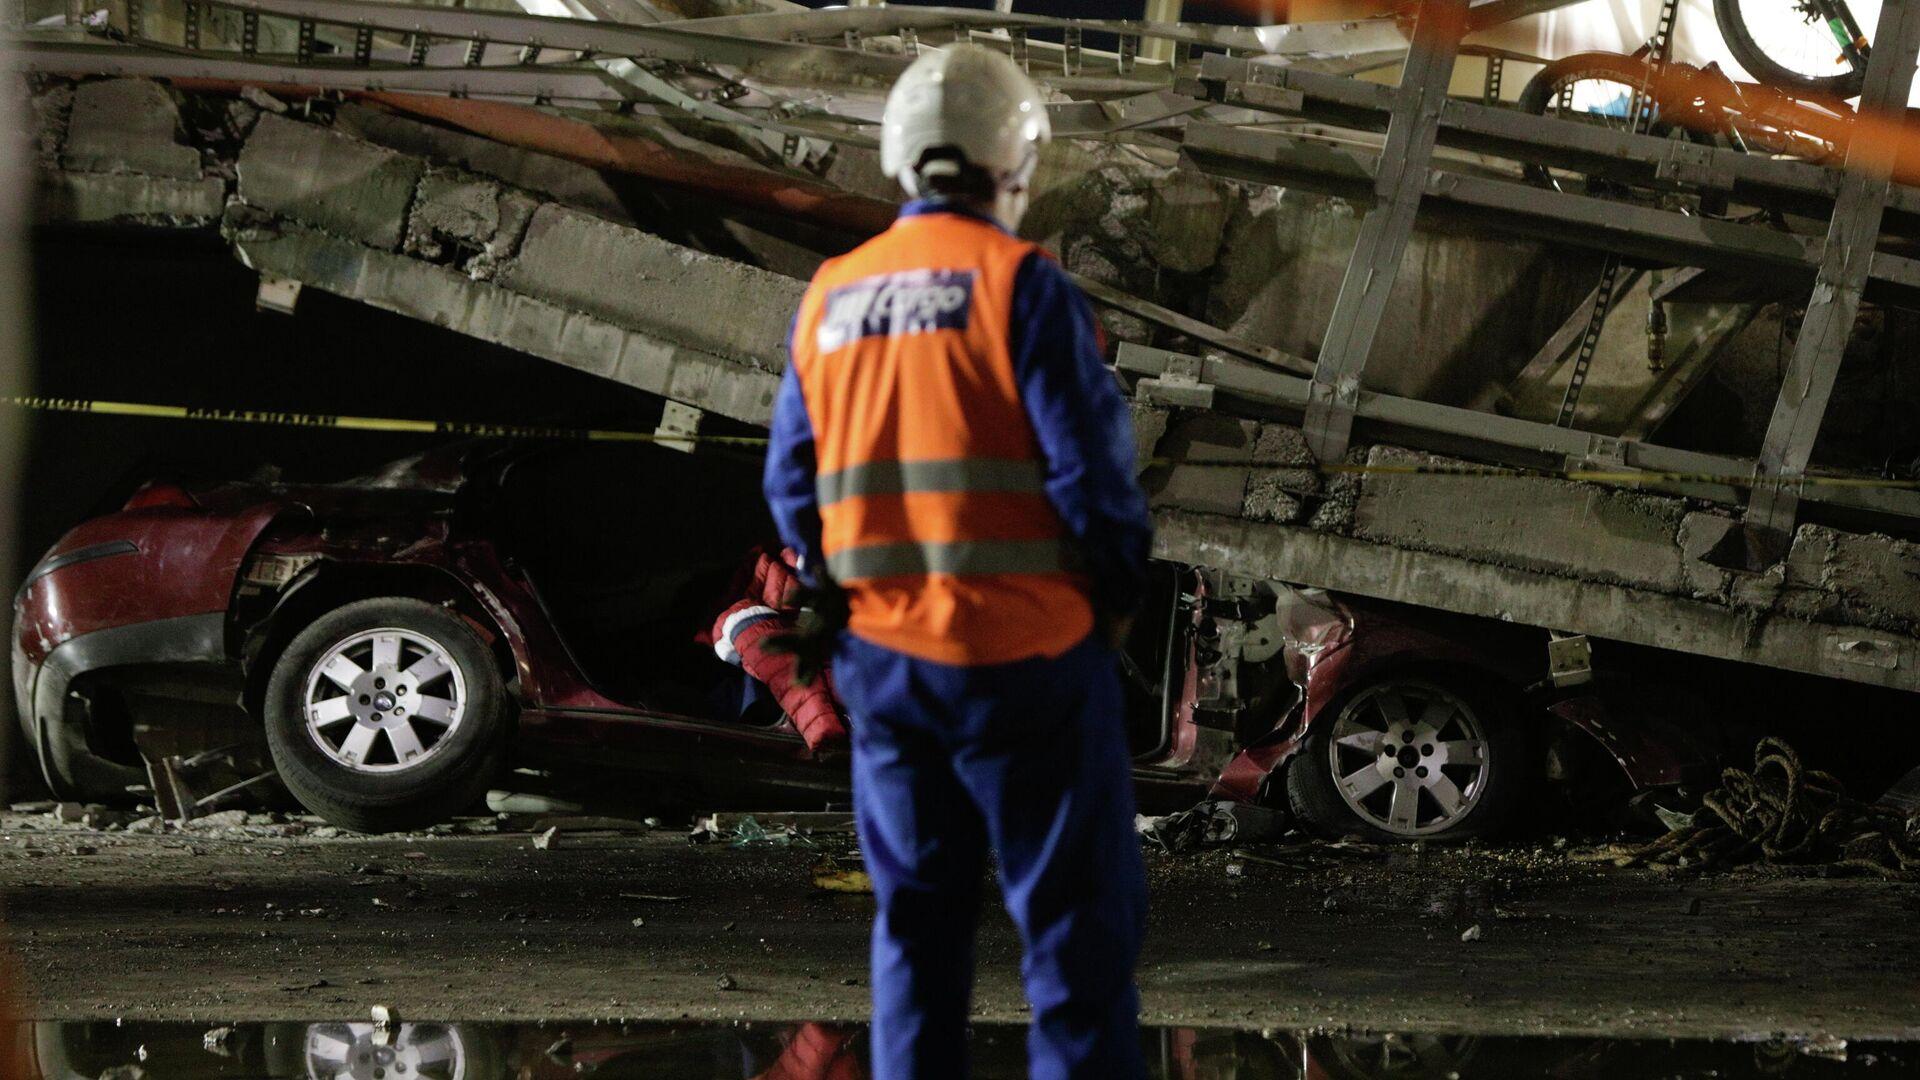 Автомобиль, пострадавший во время крушения метромоста в Мехико - РИА Новости, 1920, 04.05.2021